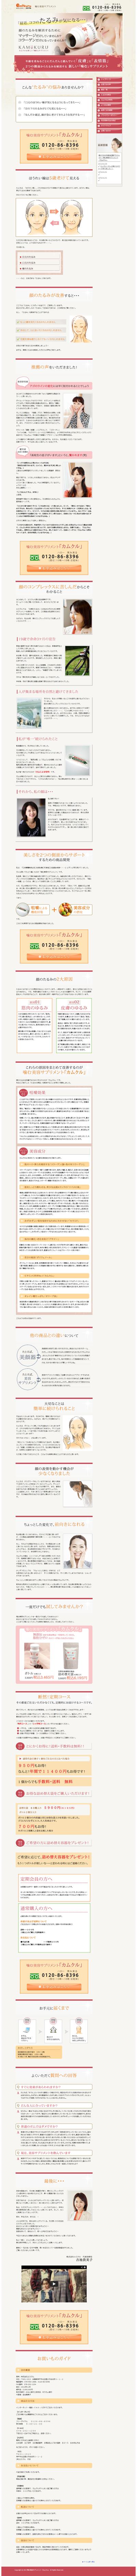 美容サプリメントのランディングページ